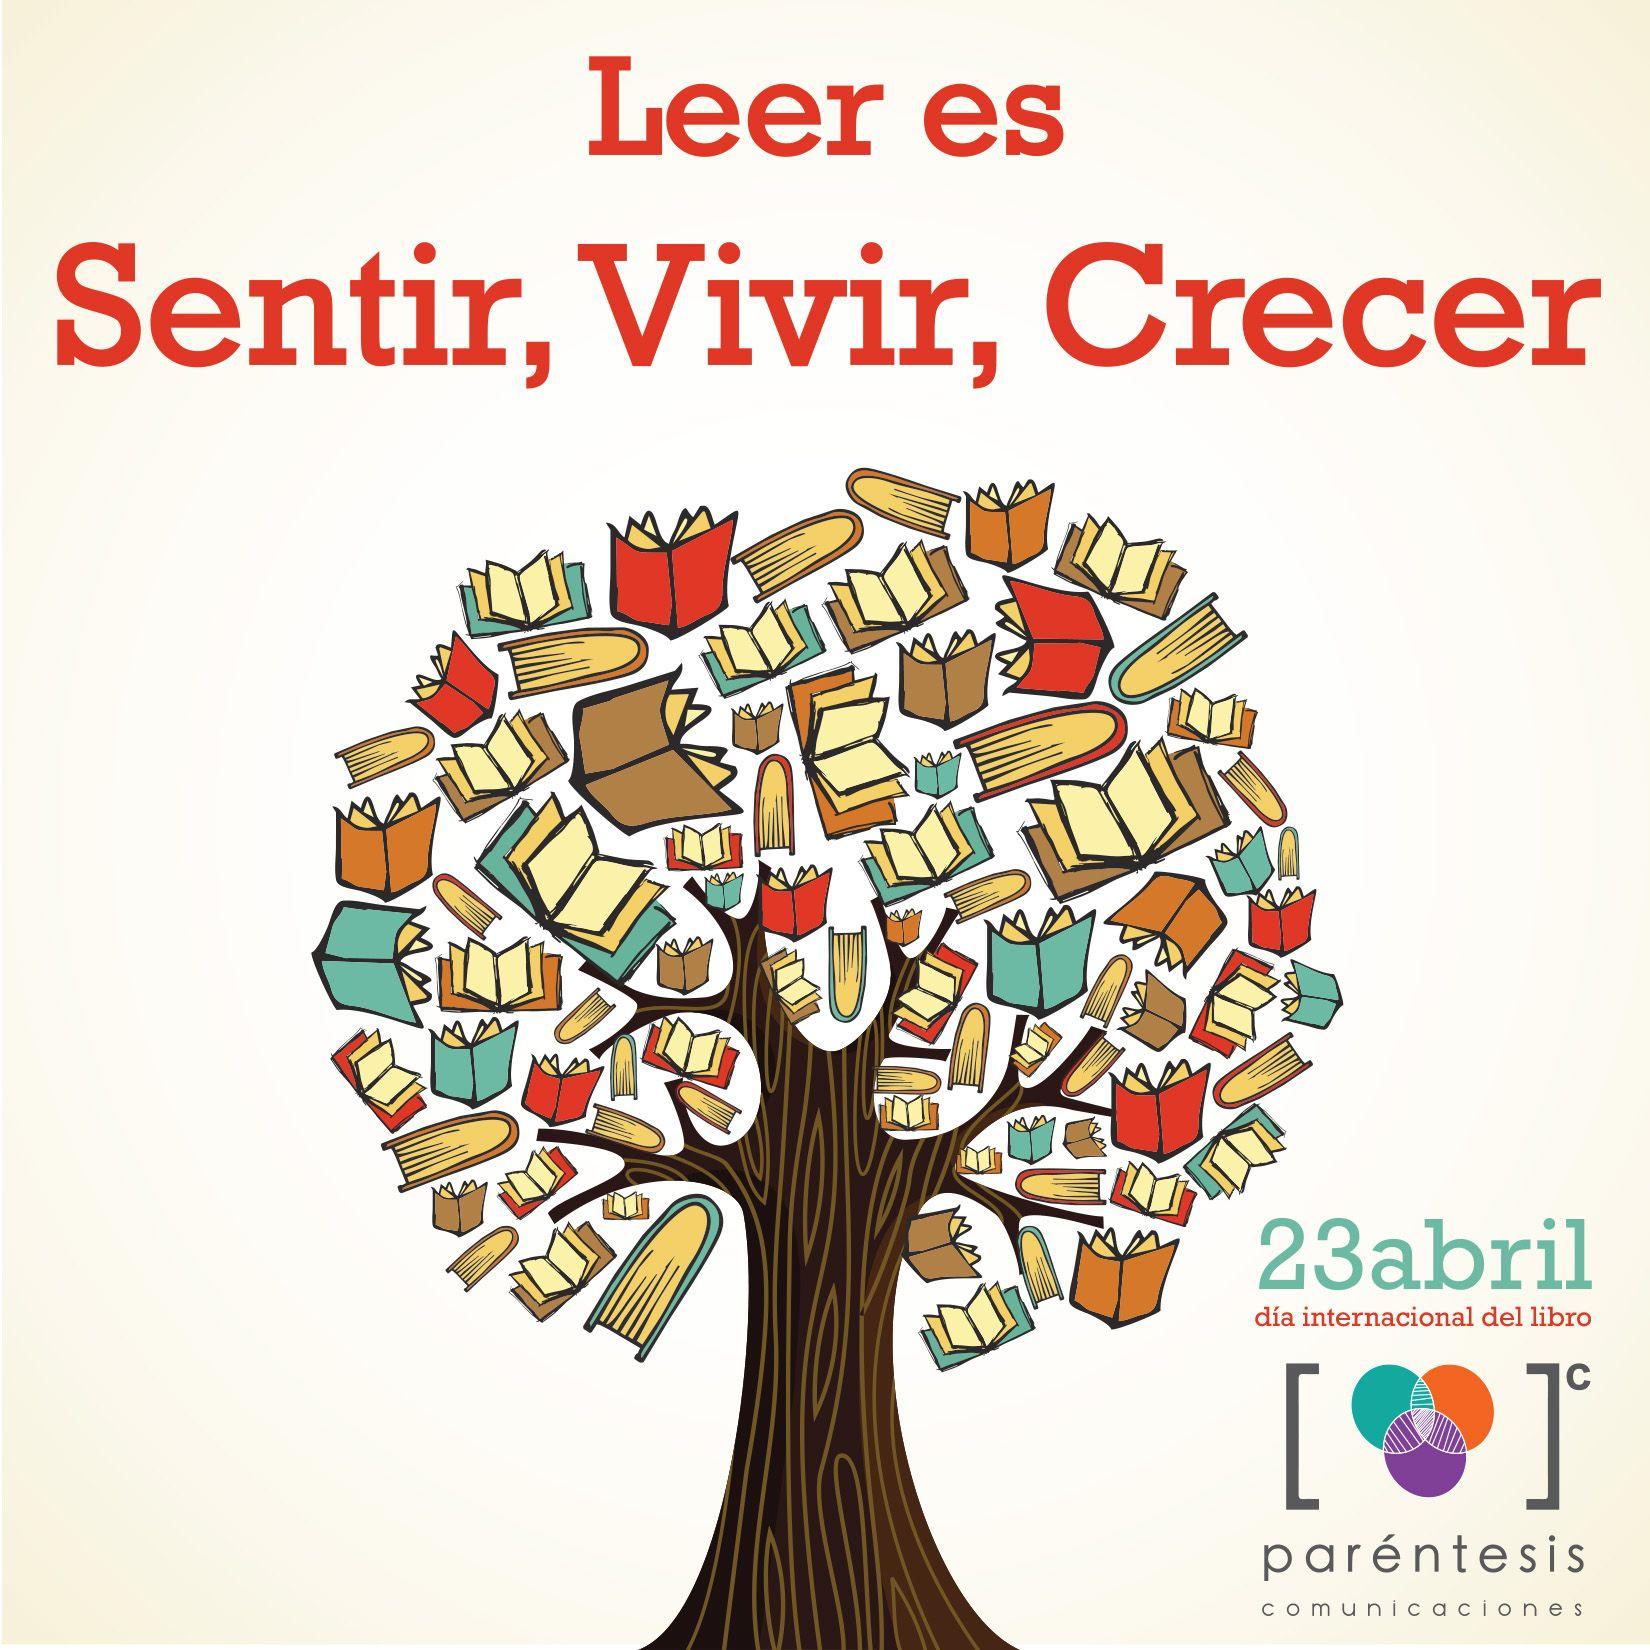 La lectura nos hace libres!!! feliz día internacional del